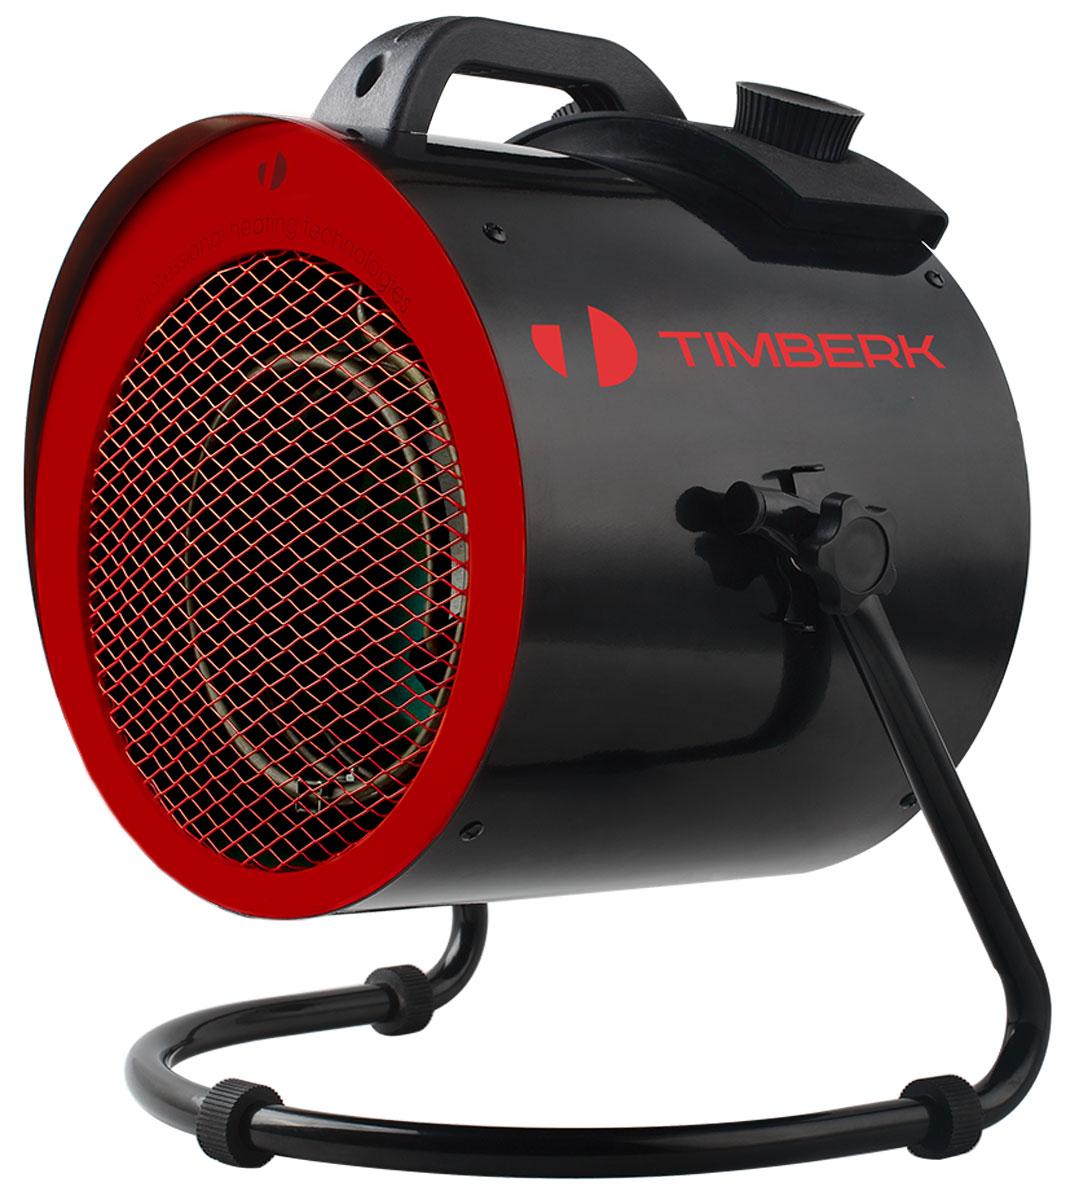 Timberk TIH R5 3M Eco тепловая пушкаCB 090Тепловая пушка Timberk TIH R5 3M ECO снабжена нержавеющим ТЭНом со специальным покрытием, что обеспечивает увеличенную тепловую эффективность и быстрый выход на рабочий режим. Мощный поток воздуха, эффективный и равномерный, быстро прогревает даже помещение большого объема. Износостойкое мелкодисперсионное покрытие корпуса, режим экономичного и интенсивного обогрева и вентиляции без обогрева, а также комфортный низкий уровень шума прибора сделают его незаменимым помощником для поддержания температуры в больших помещениях.Пожаростойкий пластикУсиленные боковые закрепителиРезиновые опоры, улучшенное устойчивое основание прибора100% складная конструкция для компактного длительного храненияНегорючий фиксатор крыльчаткиПродолжительность работы/паузы: 22/2 ч